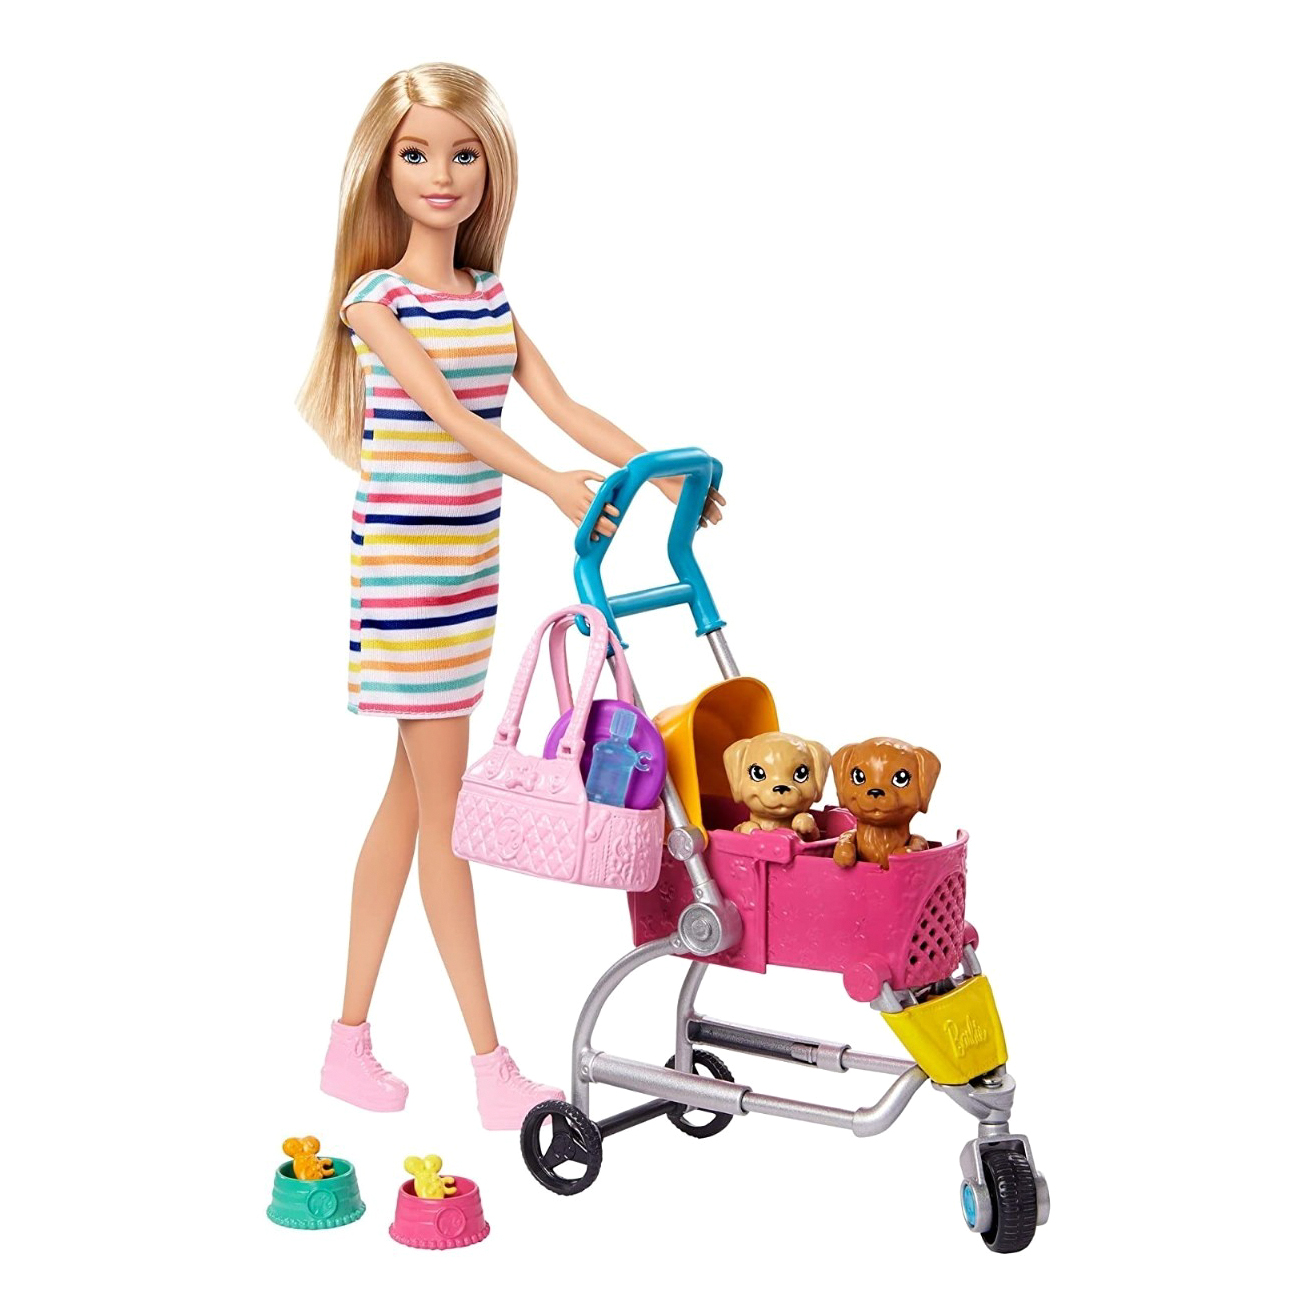 Барби Mattel Barbie с щенком в коляске